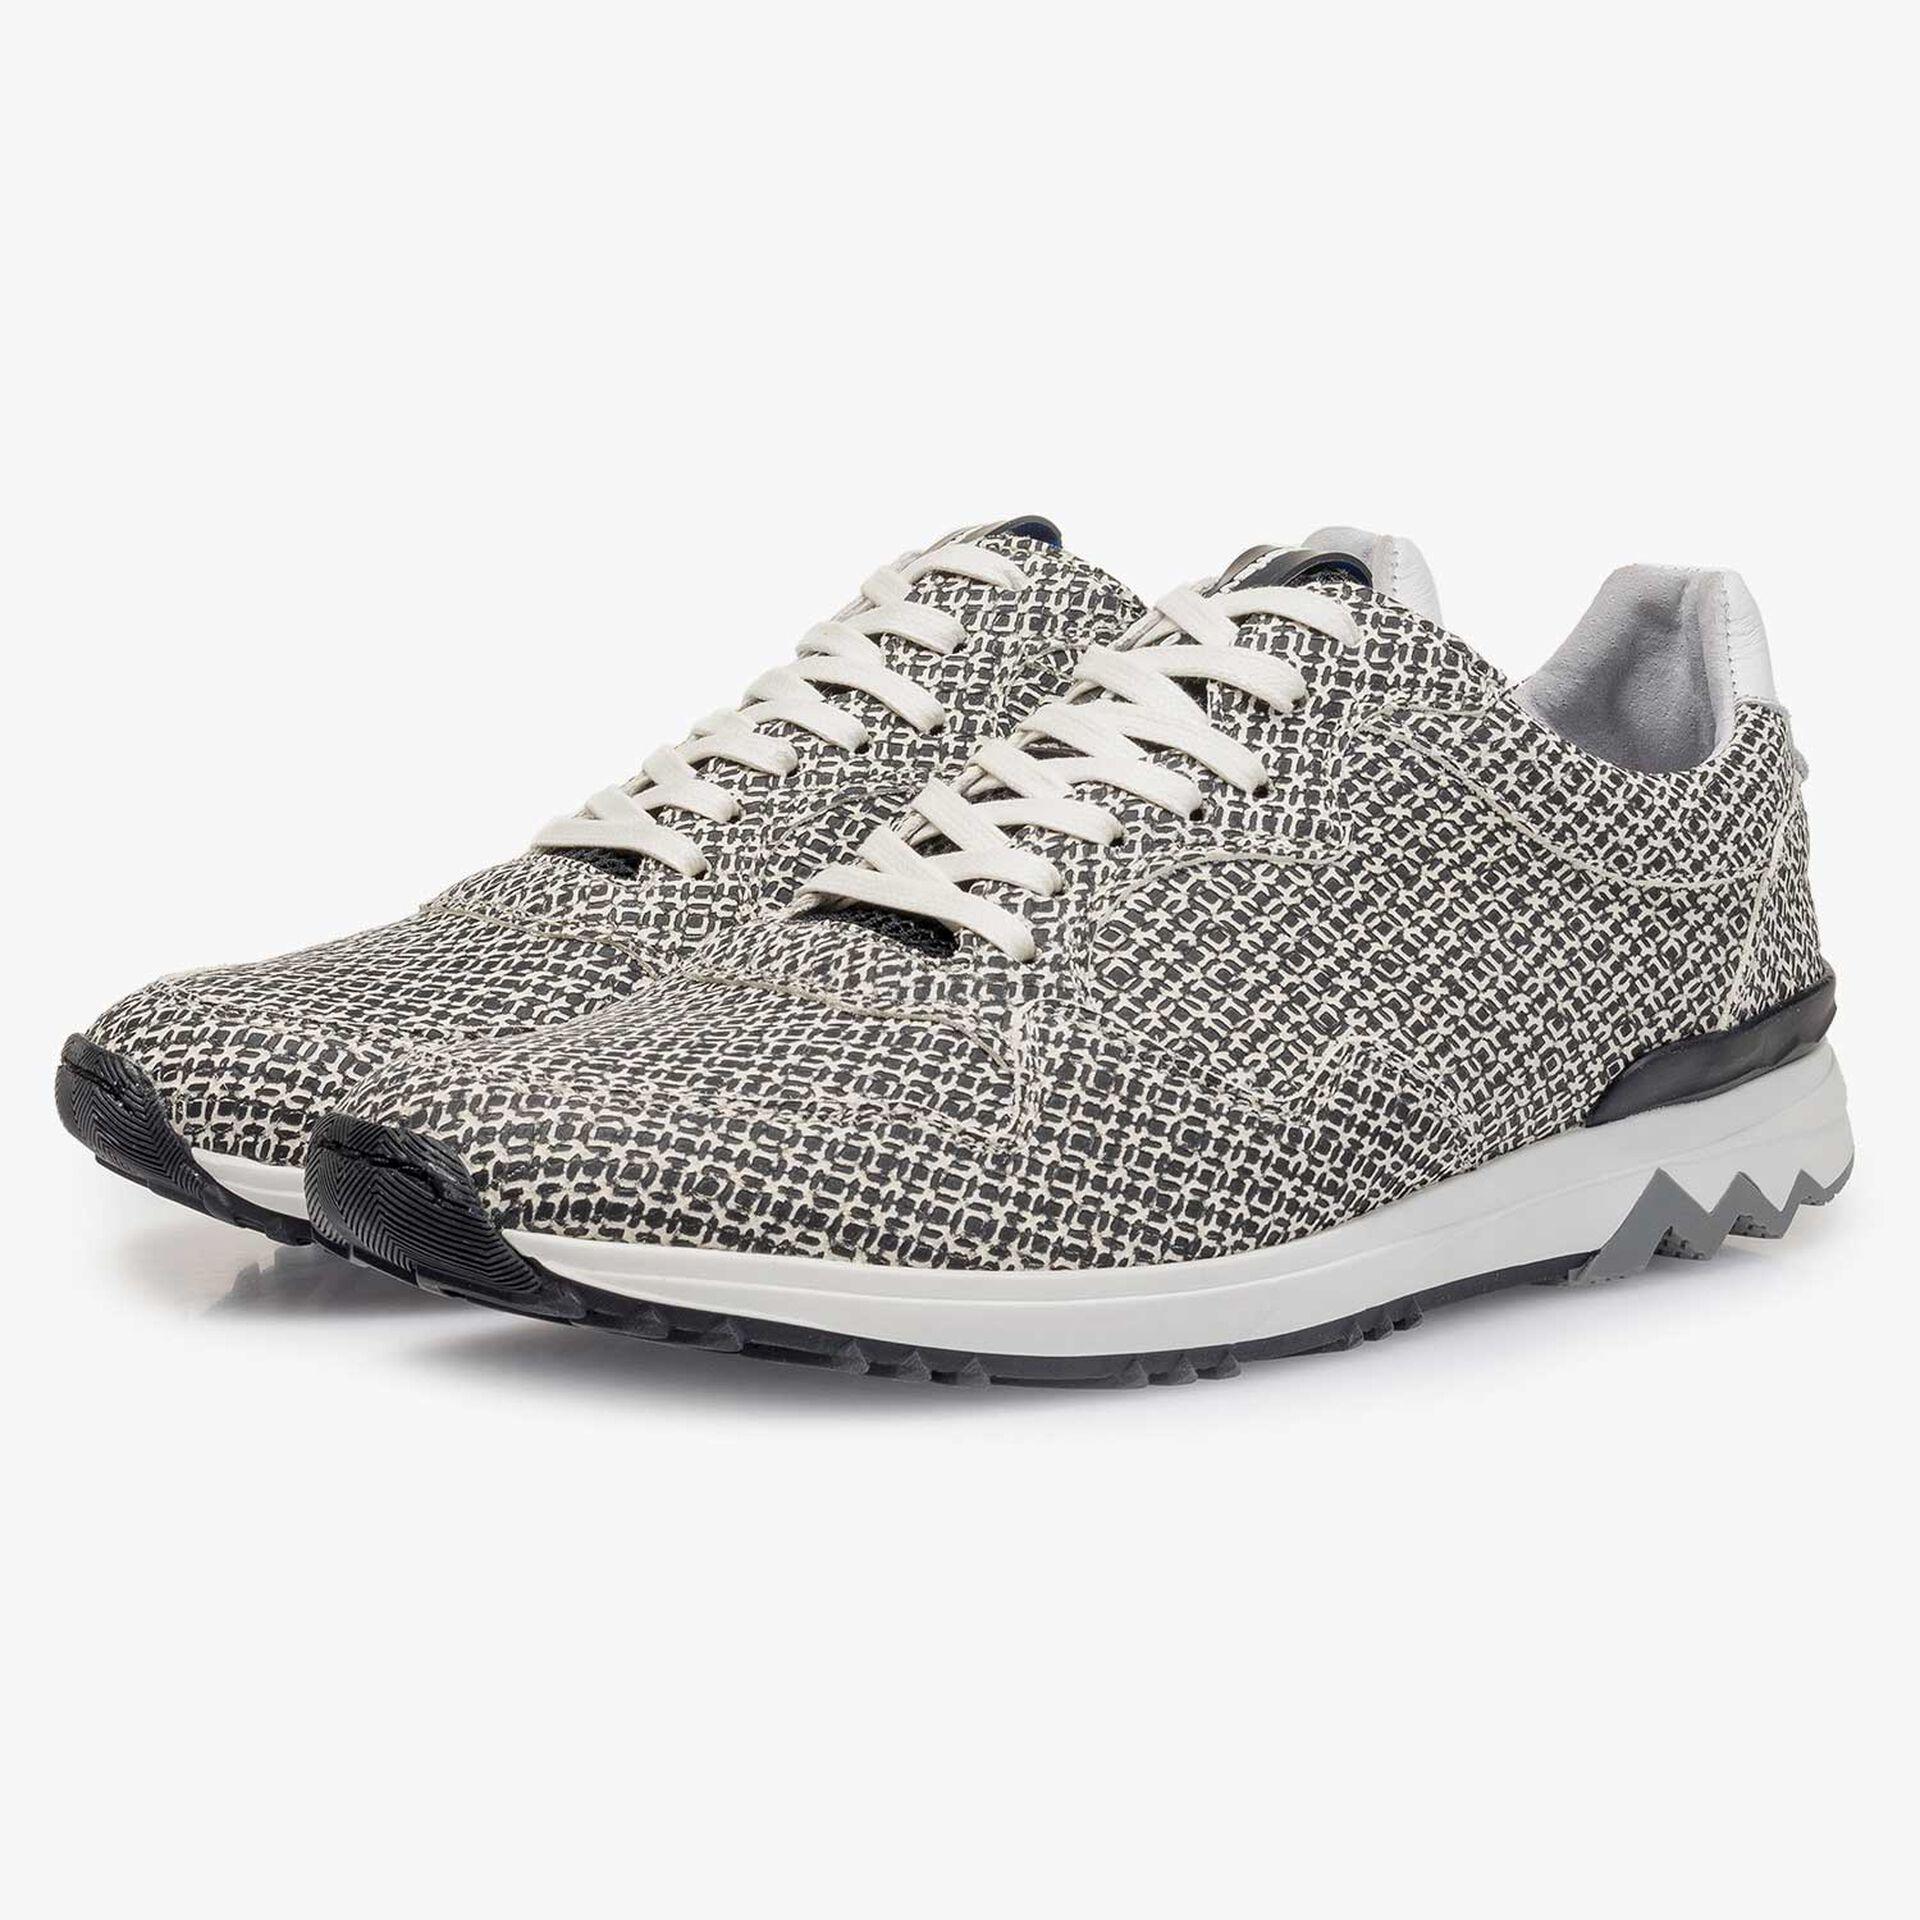 Weißer Leder-Sneaker mit geometrischem Print